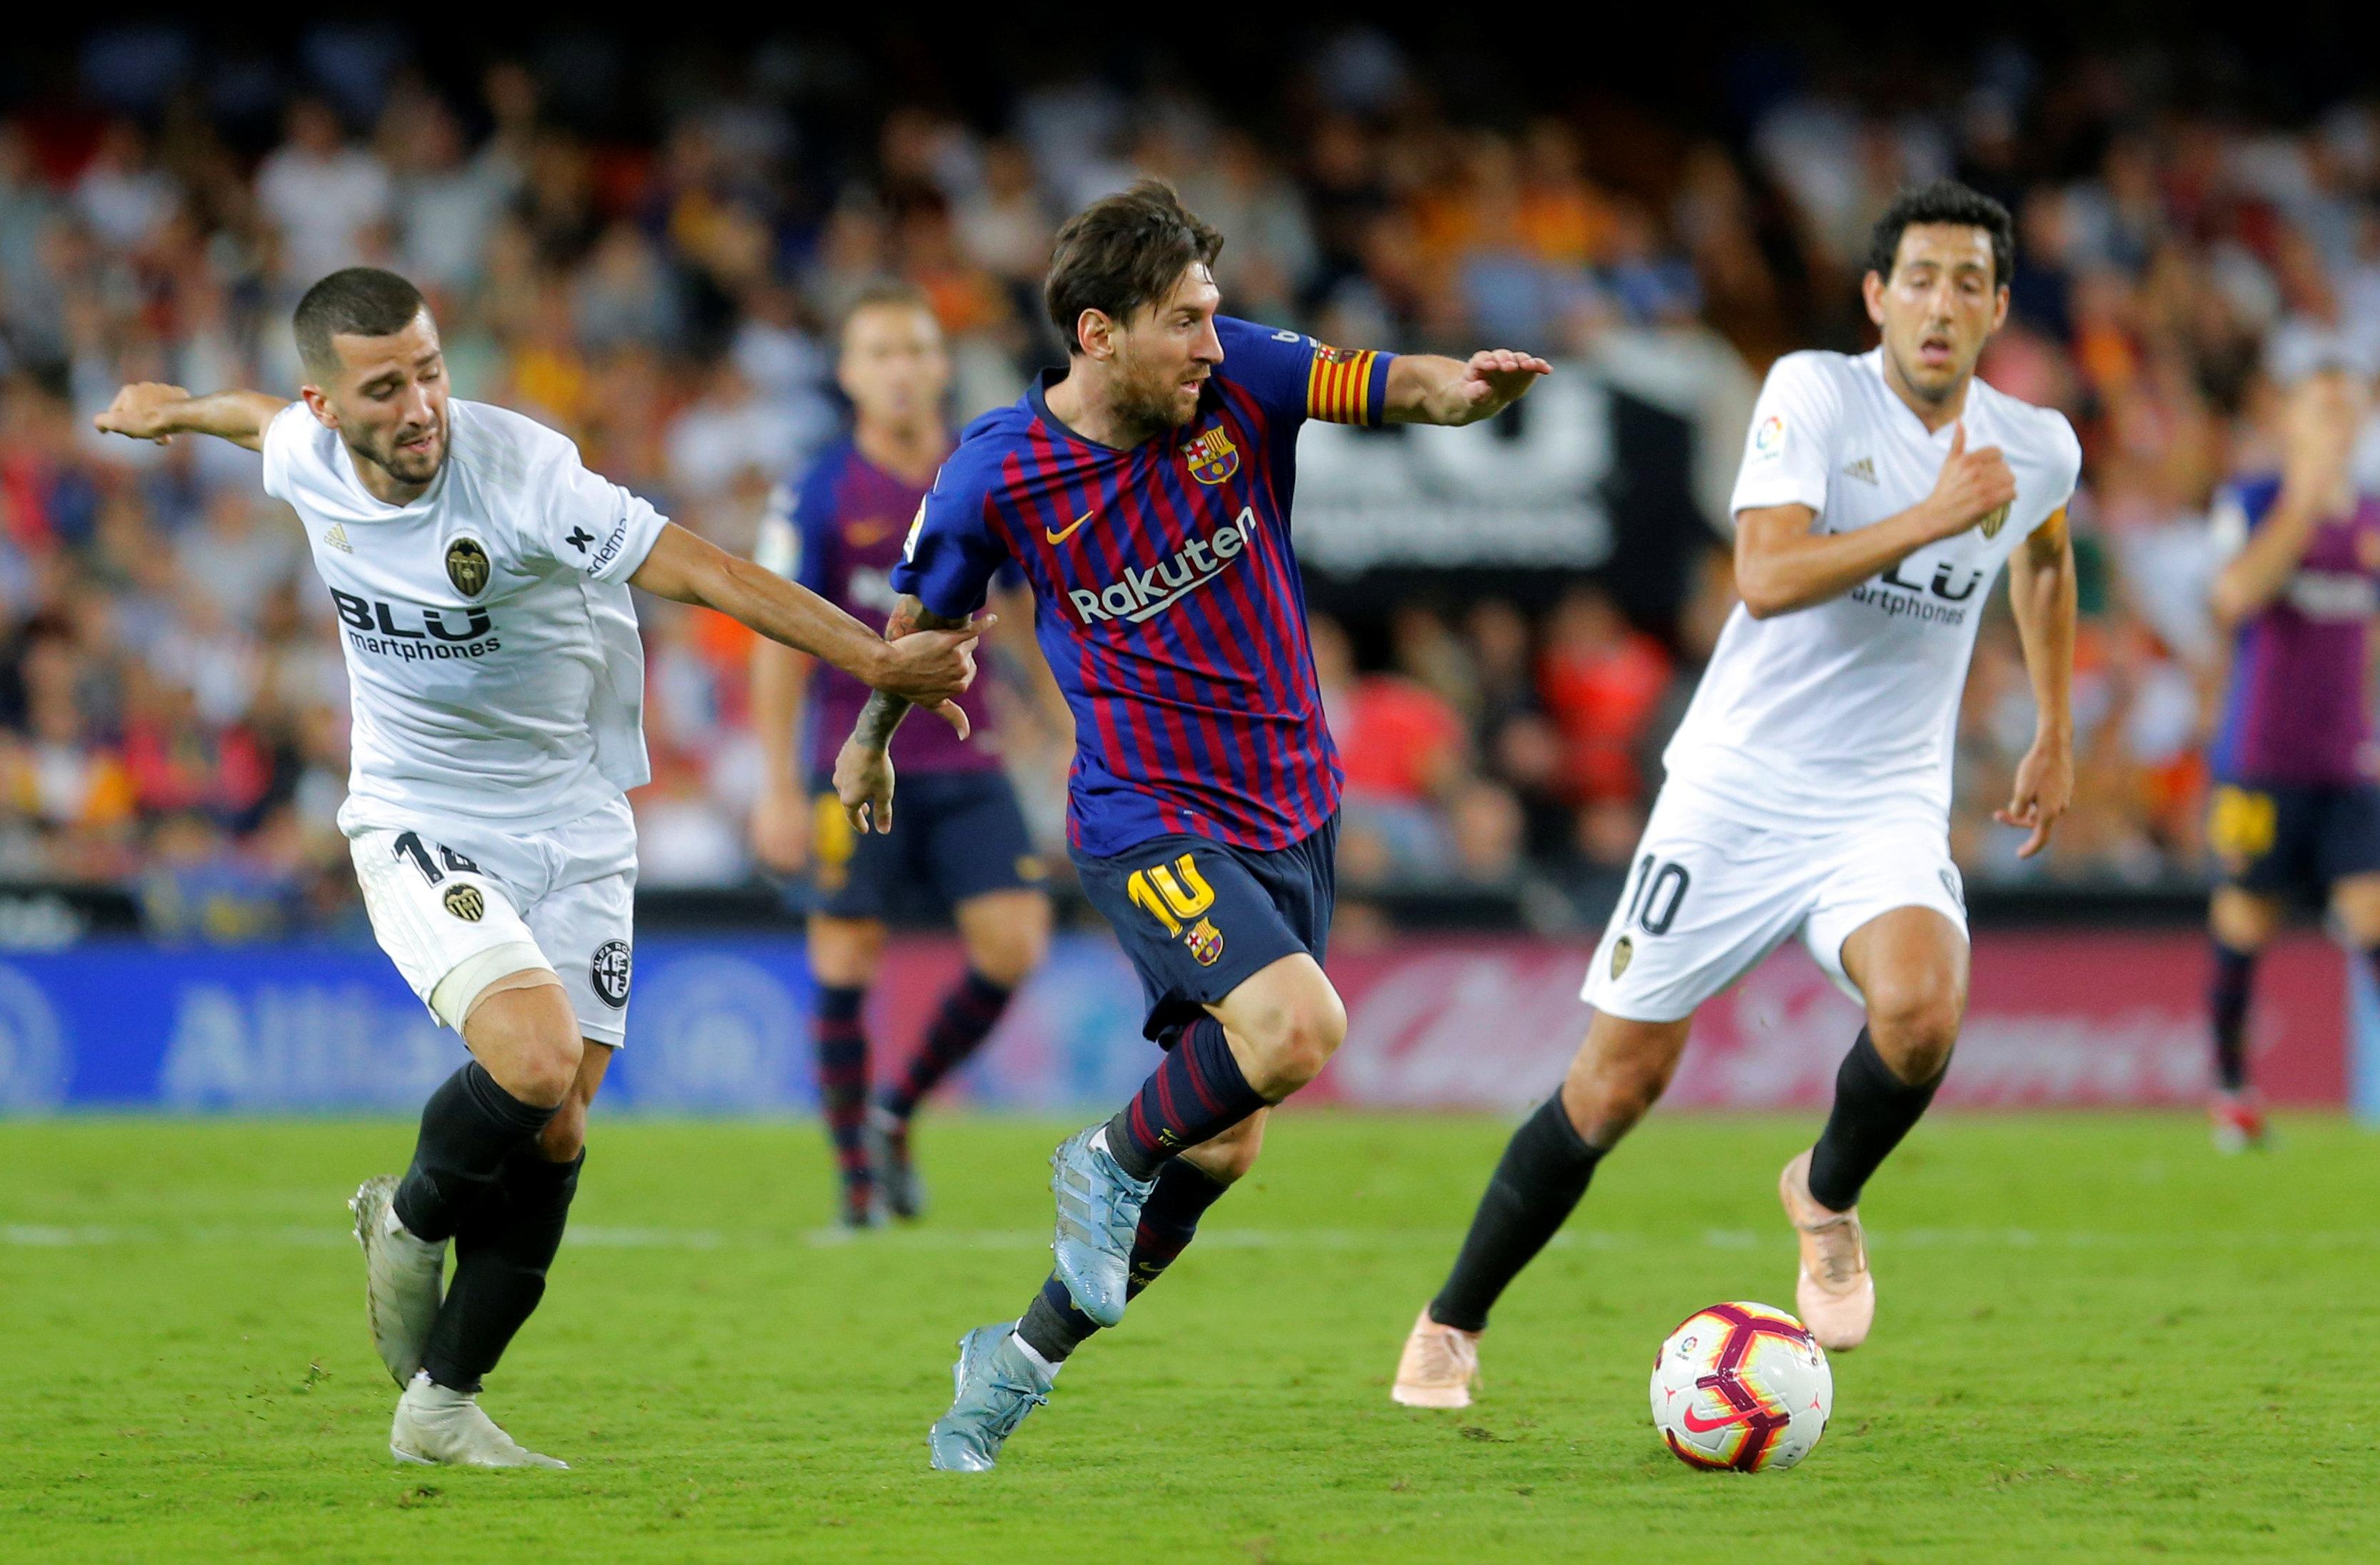 فالنسيا ضد برشلونة